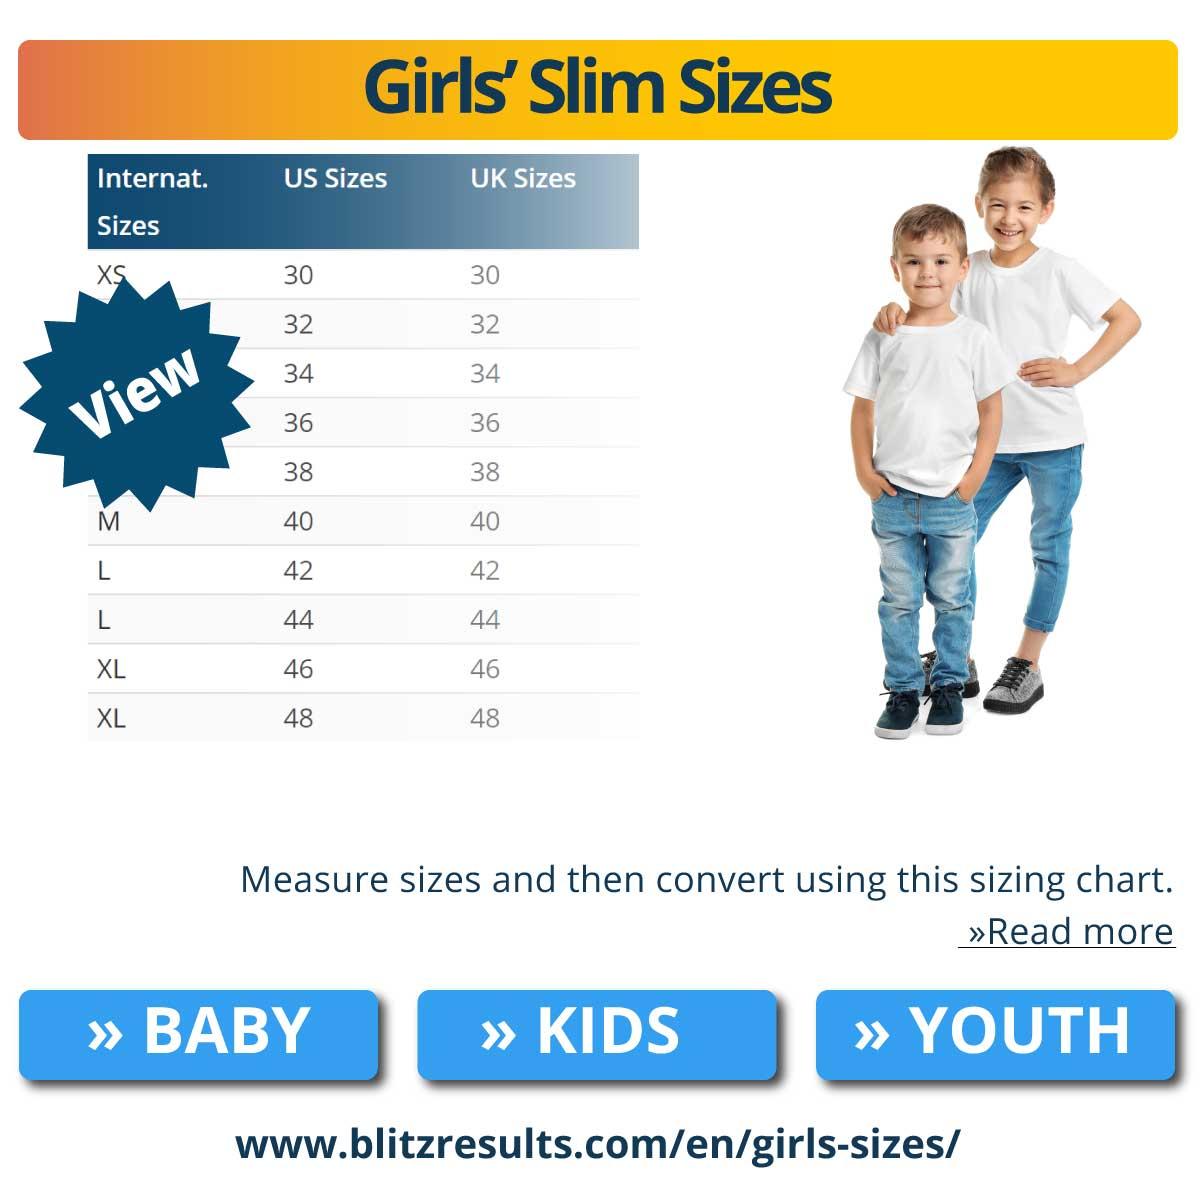 Girls' Slim Sizes